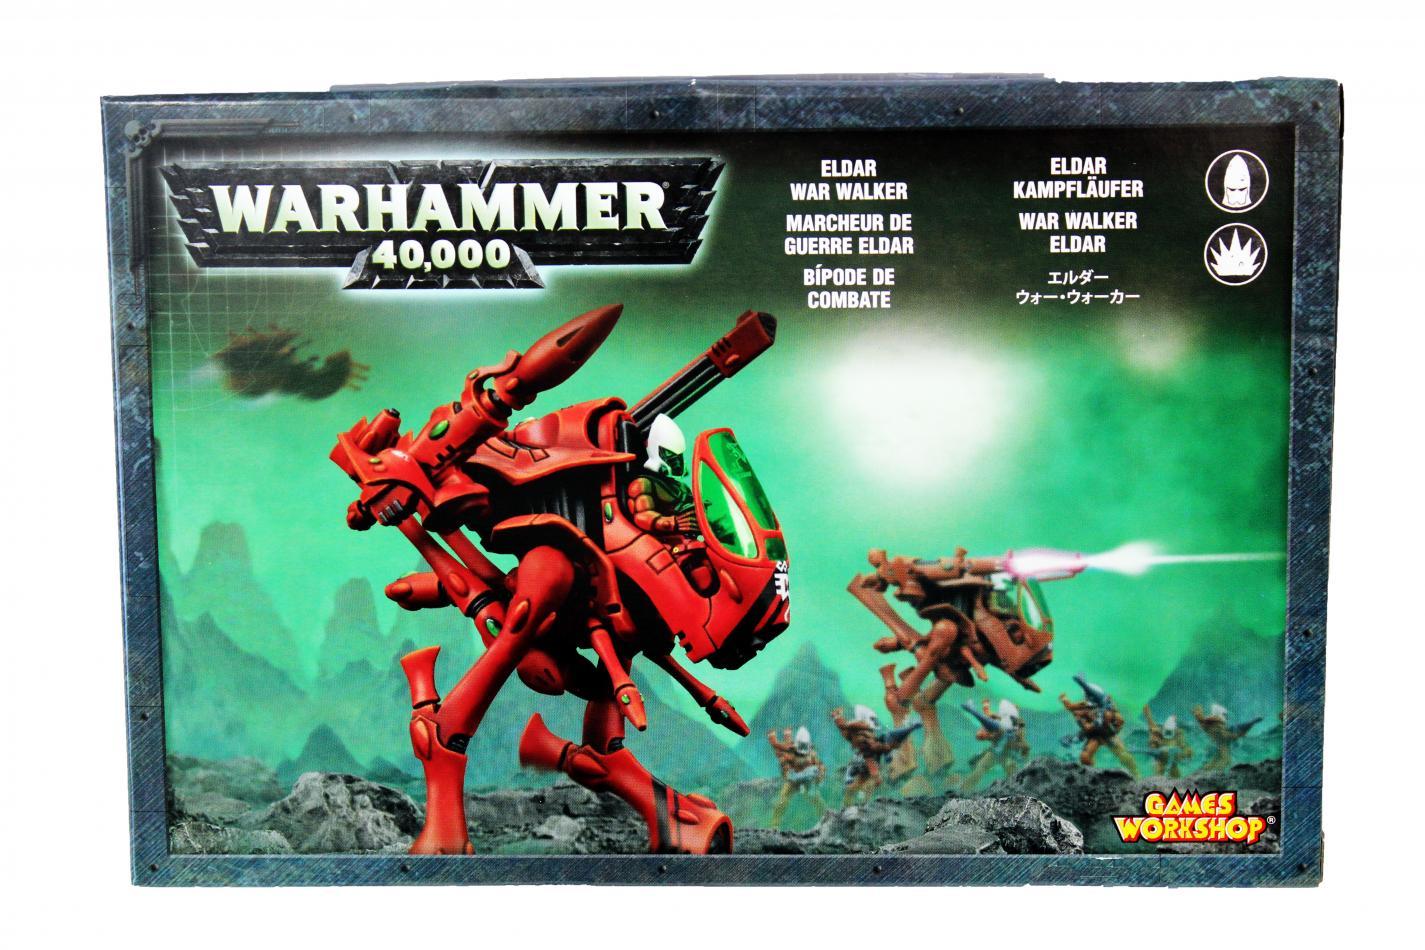 Eldar War Walker Squadron (3x War Walkers)